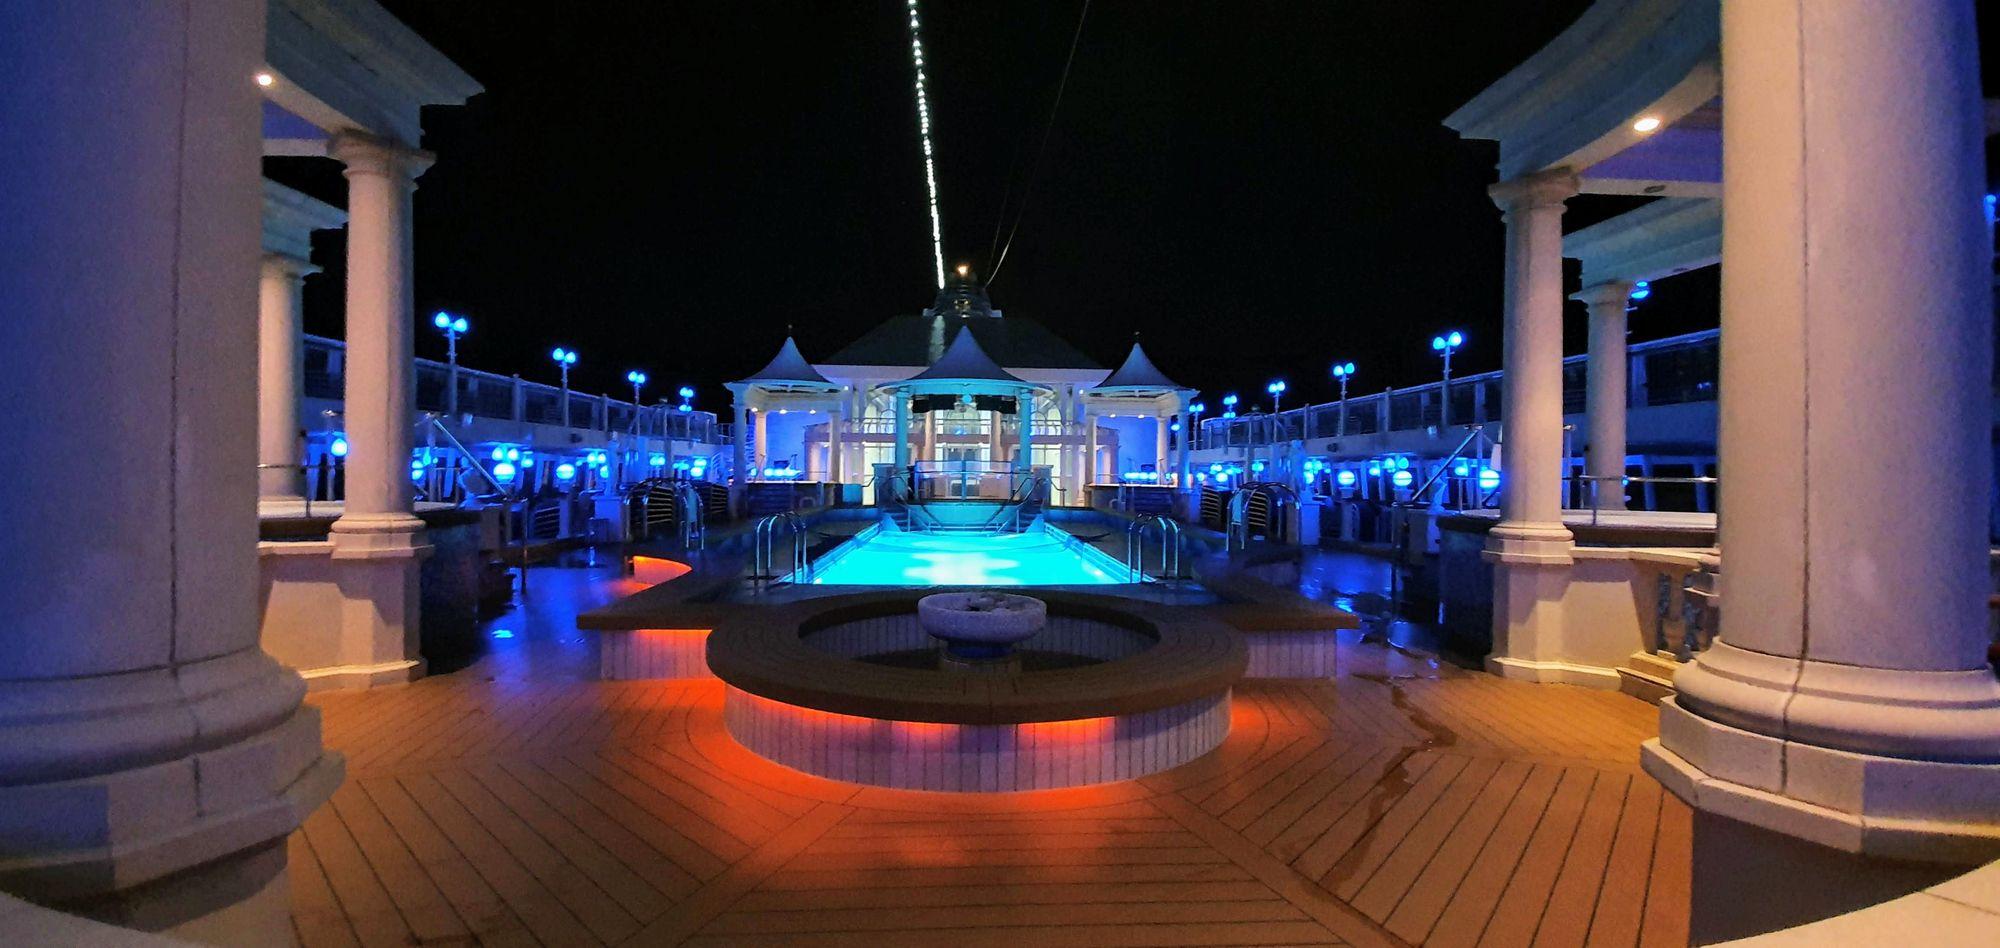 Una noche en San Petersburgo